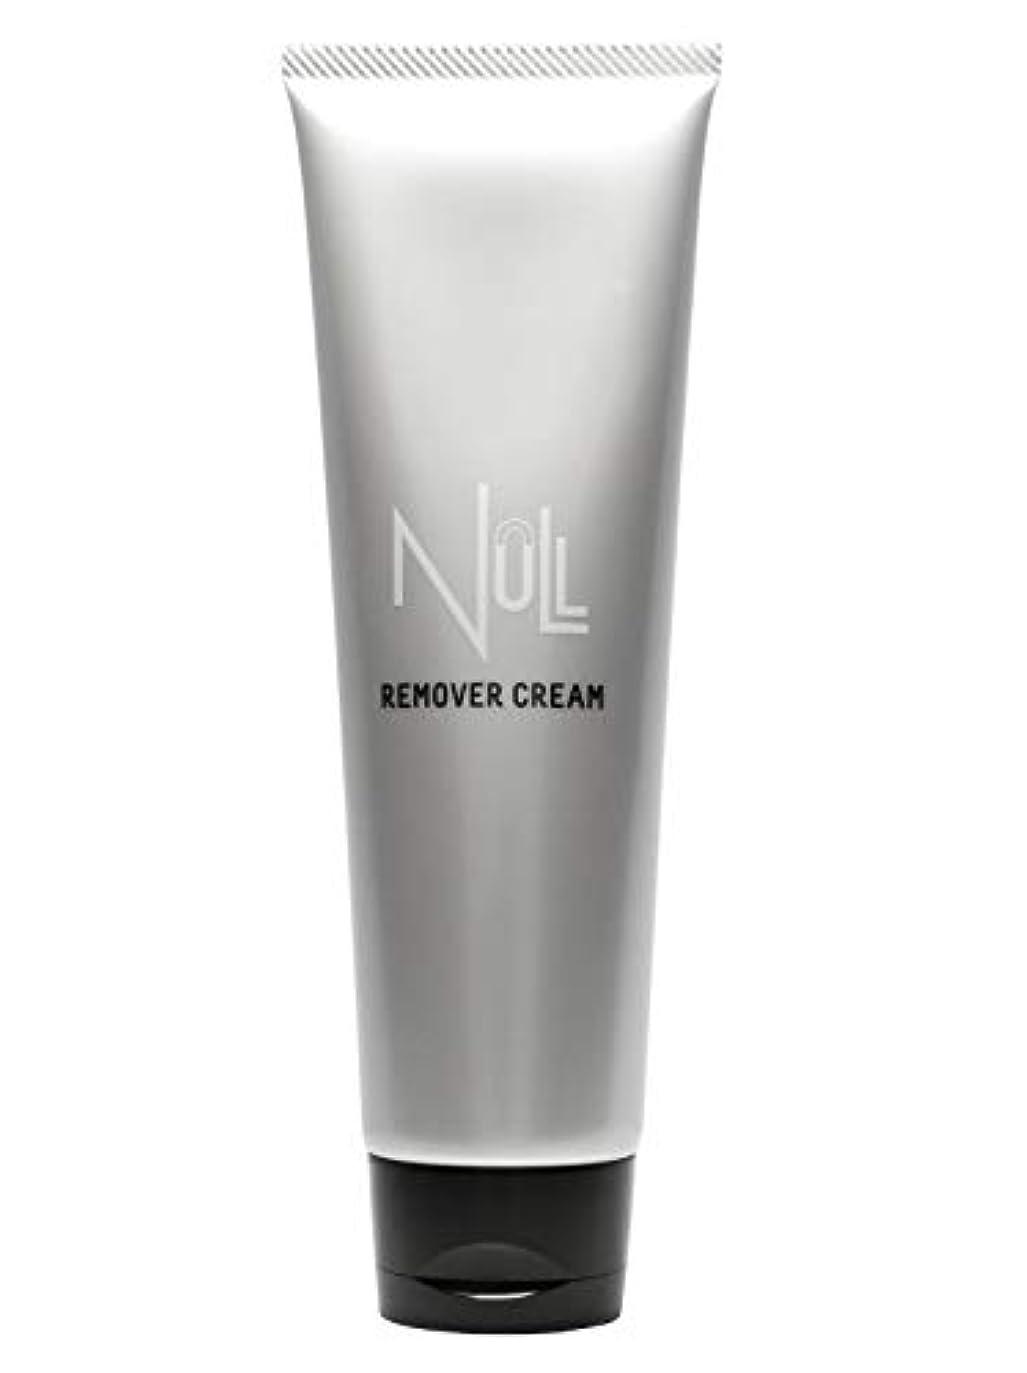 老朽化した干渉するためらうNULL 薬用リムーバークリーム 除毛クリーム メンズ 200g [ 陰部 / アンダーヘア / Vライン / ボディ用 ]